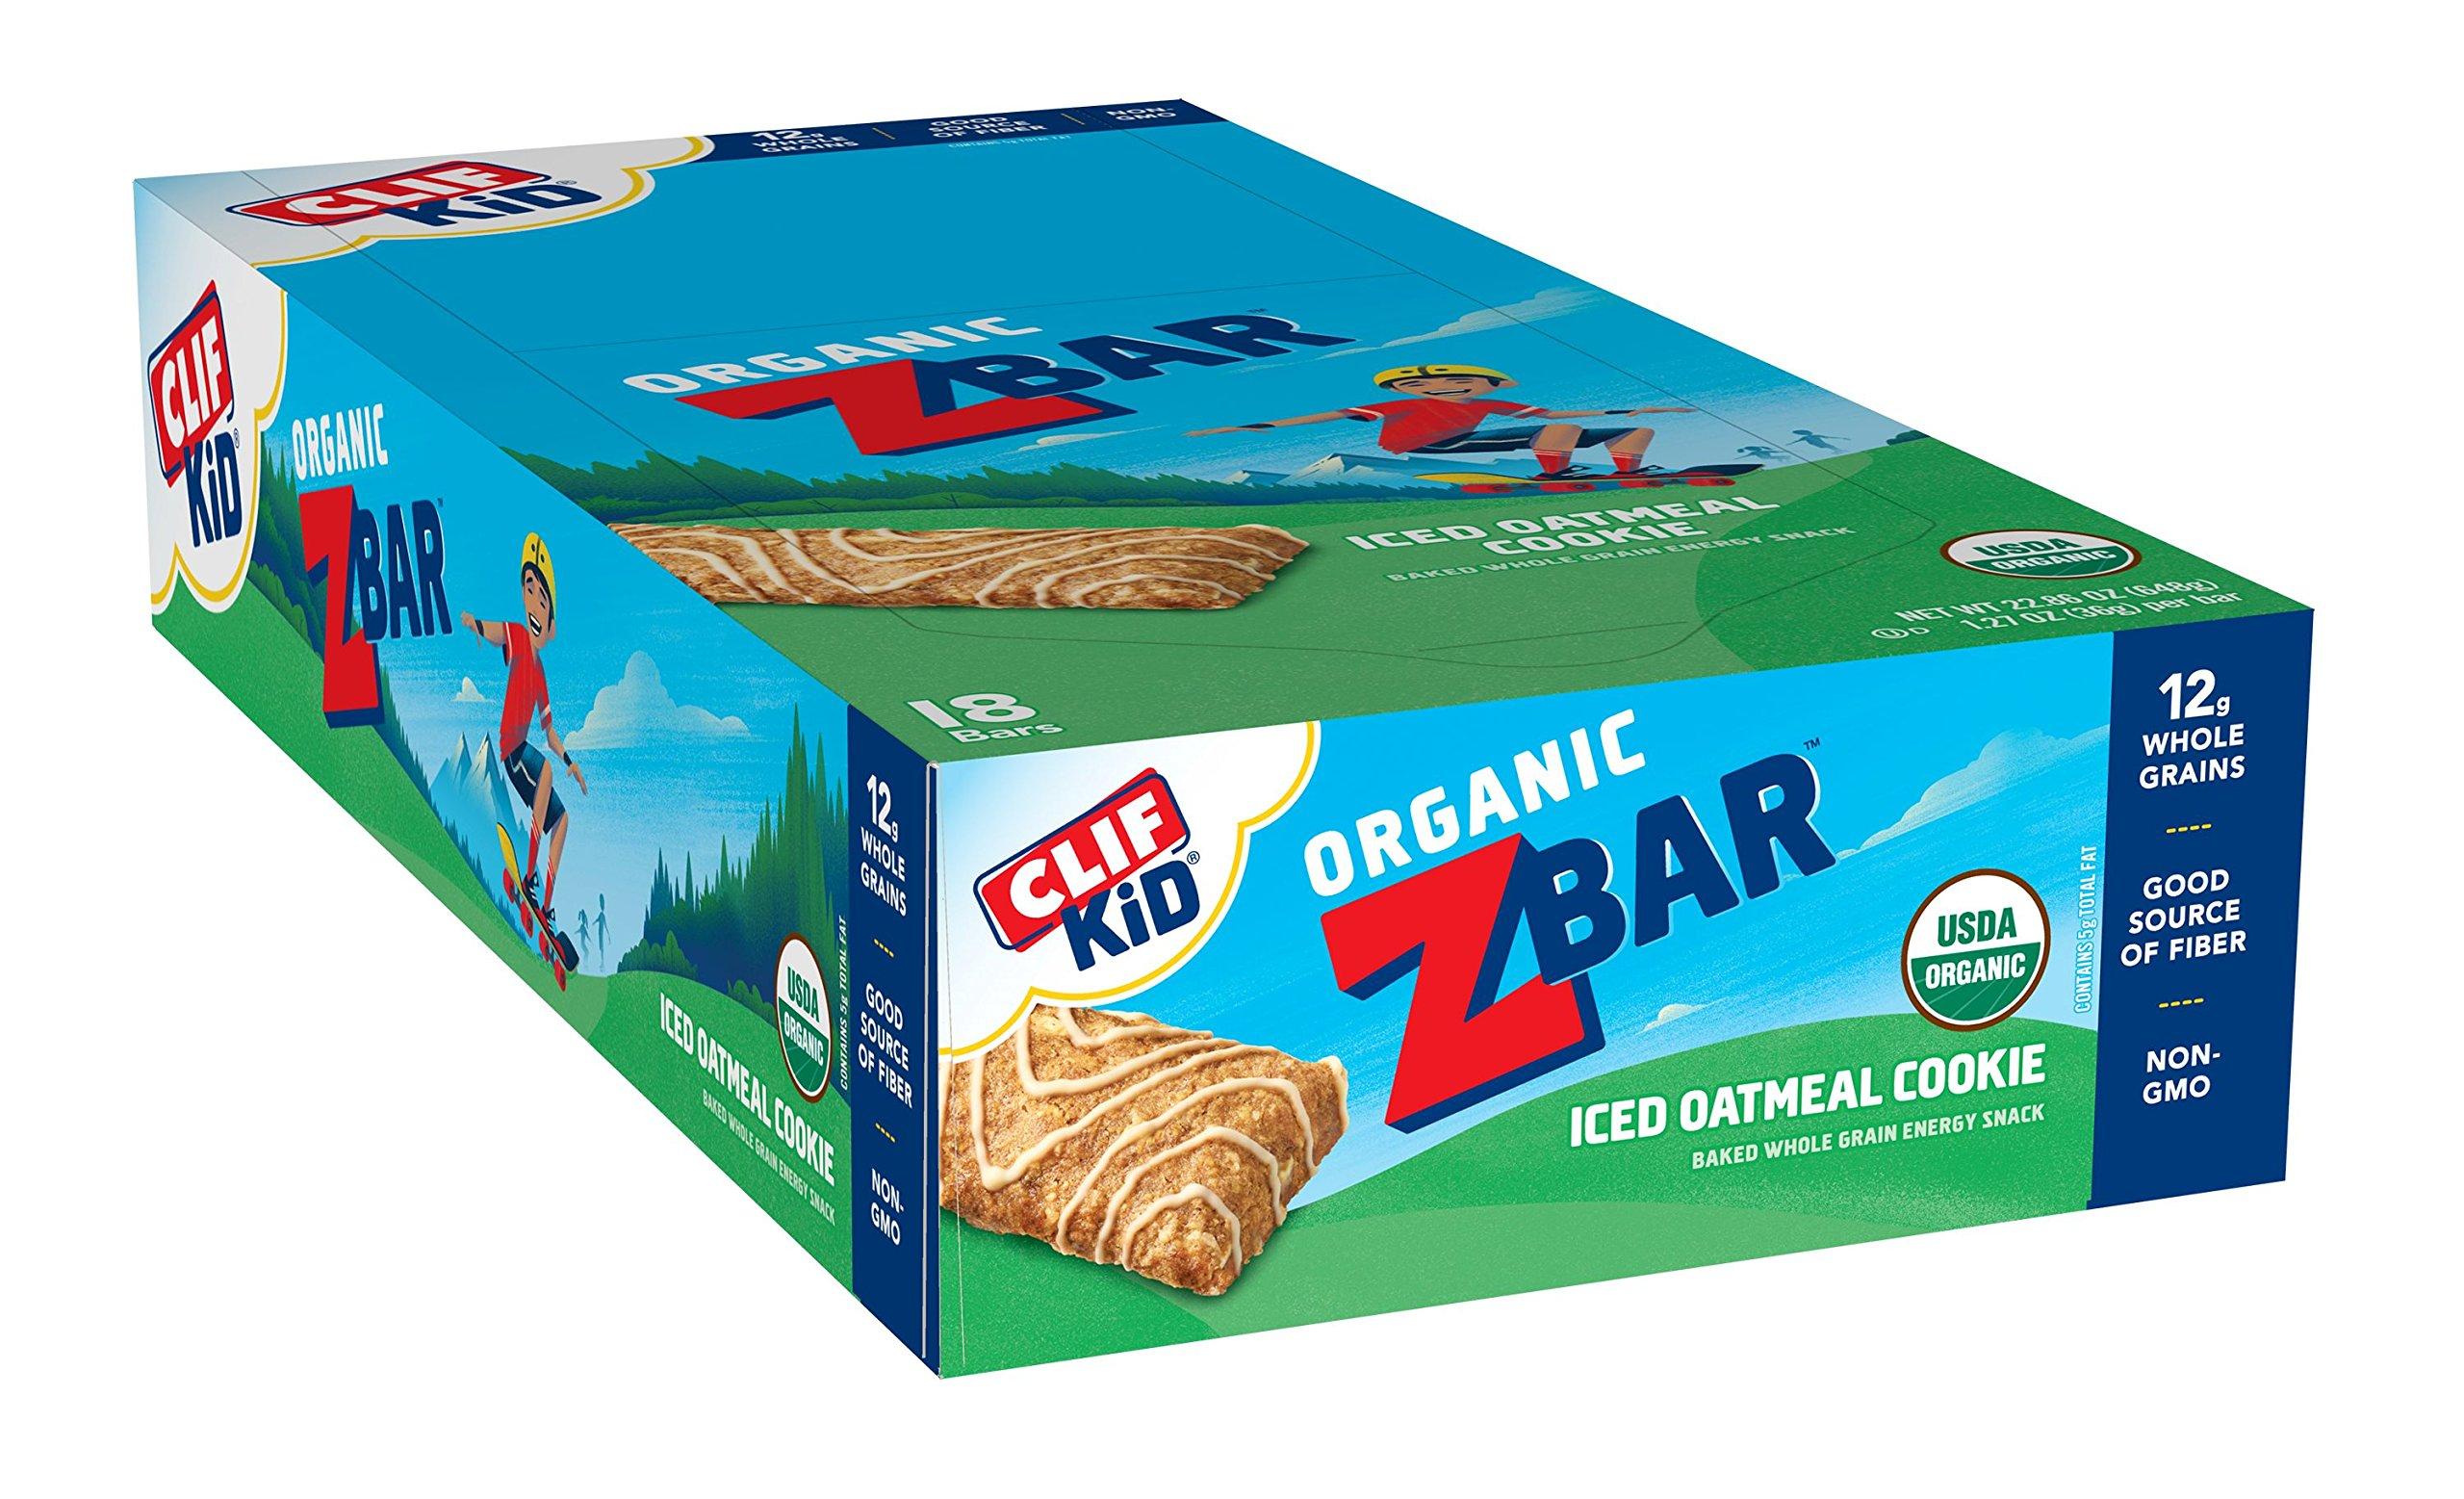 CLIF KID ZBAR - Organic Energy Bar - Iced Oatmeal Cookie - Baked Whole Grain Energy Snack Bar (1.27 Ounce Snack Bar, 18 Count)